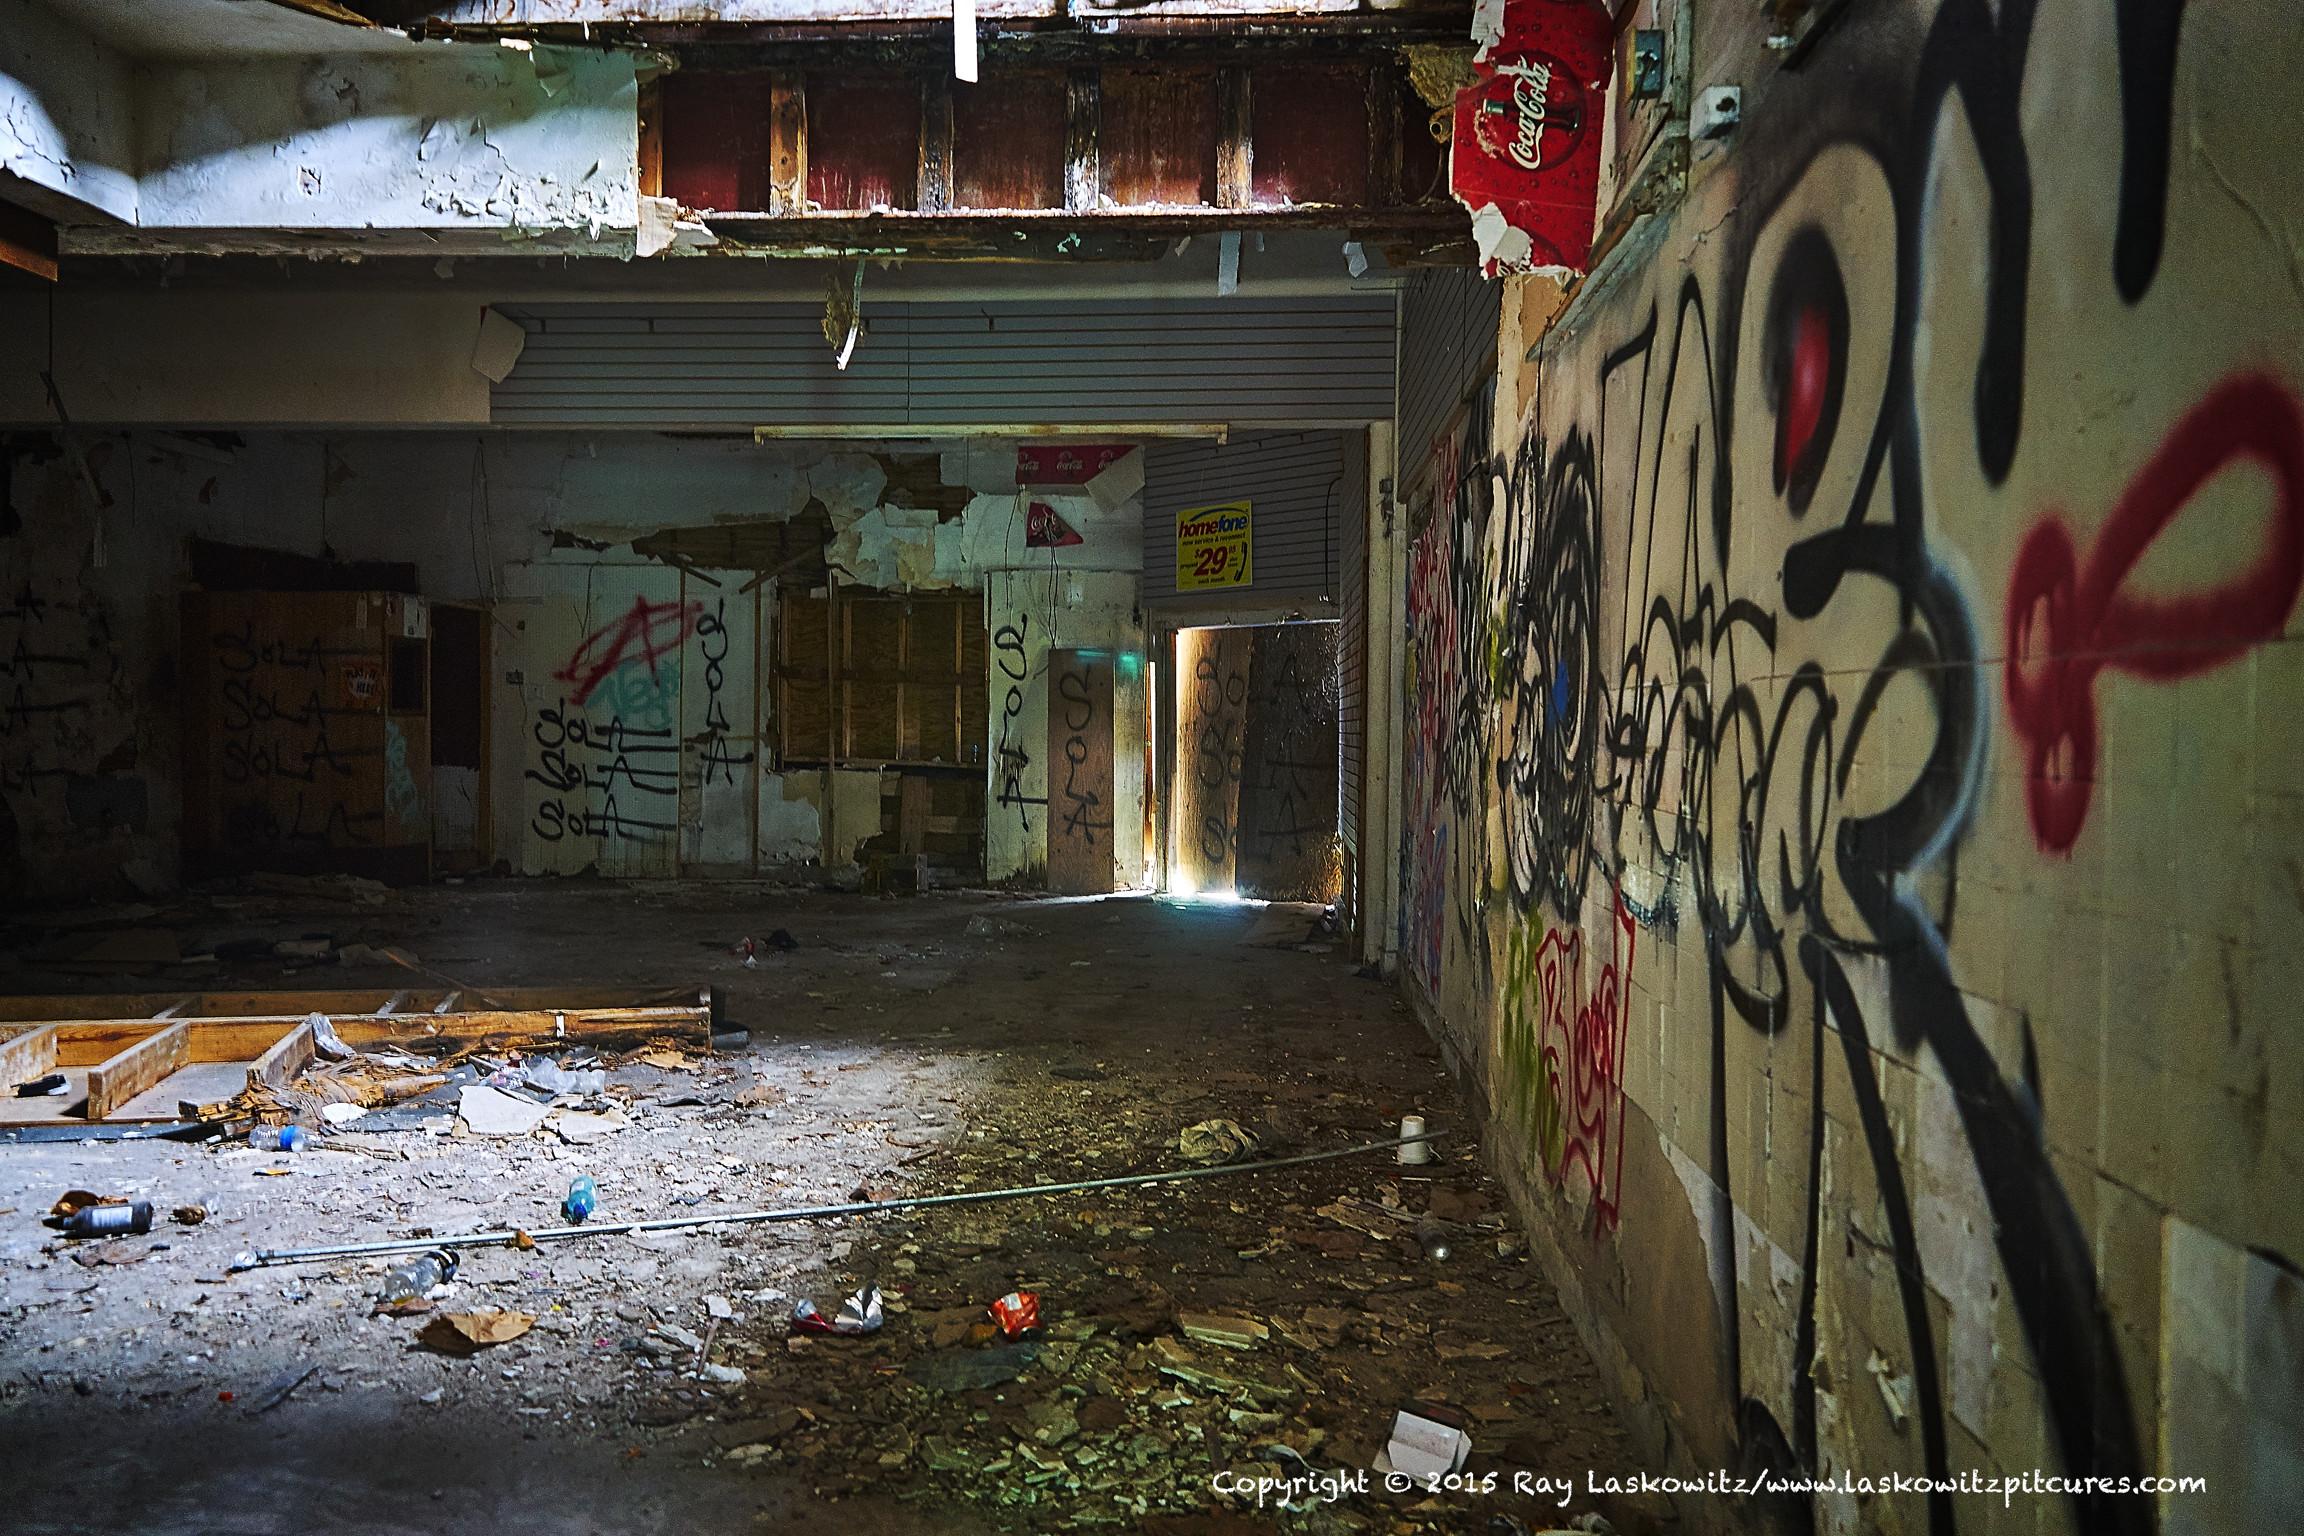 A lot of graffiti.